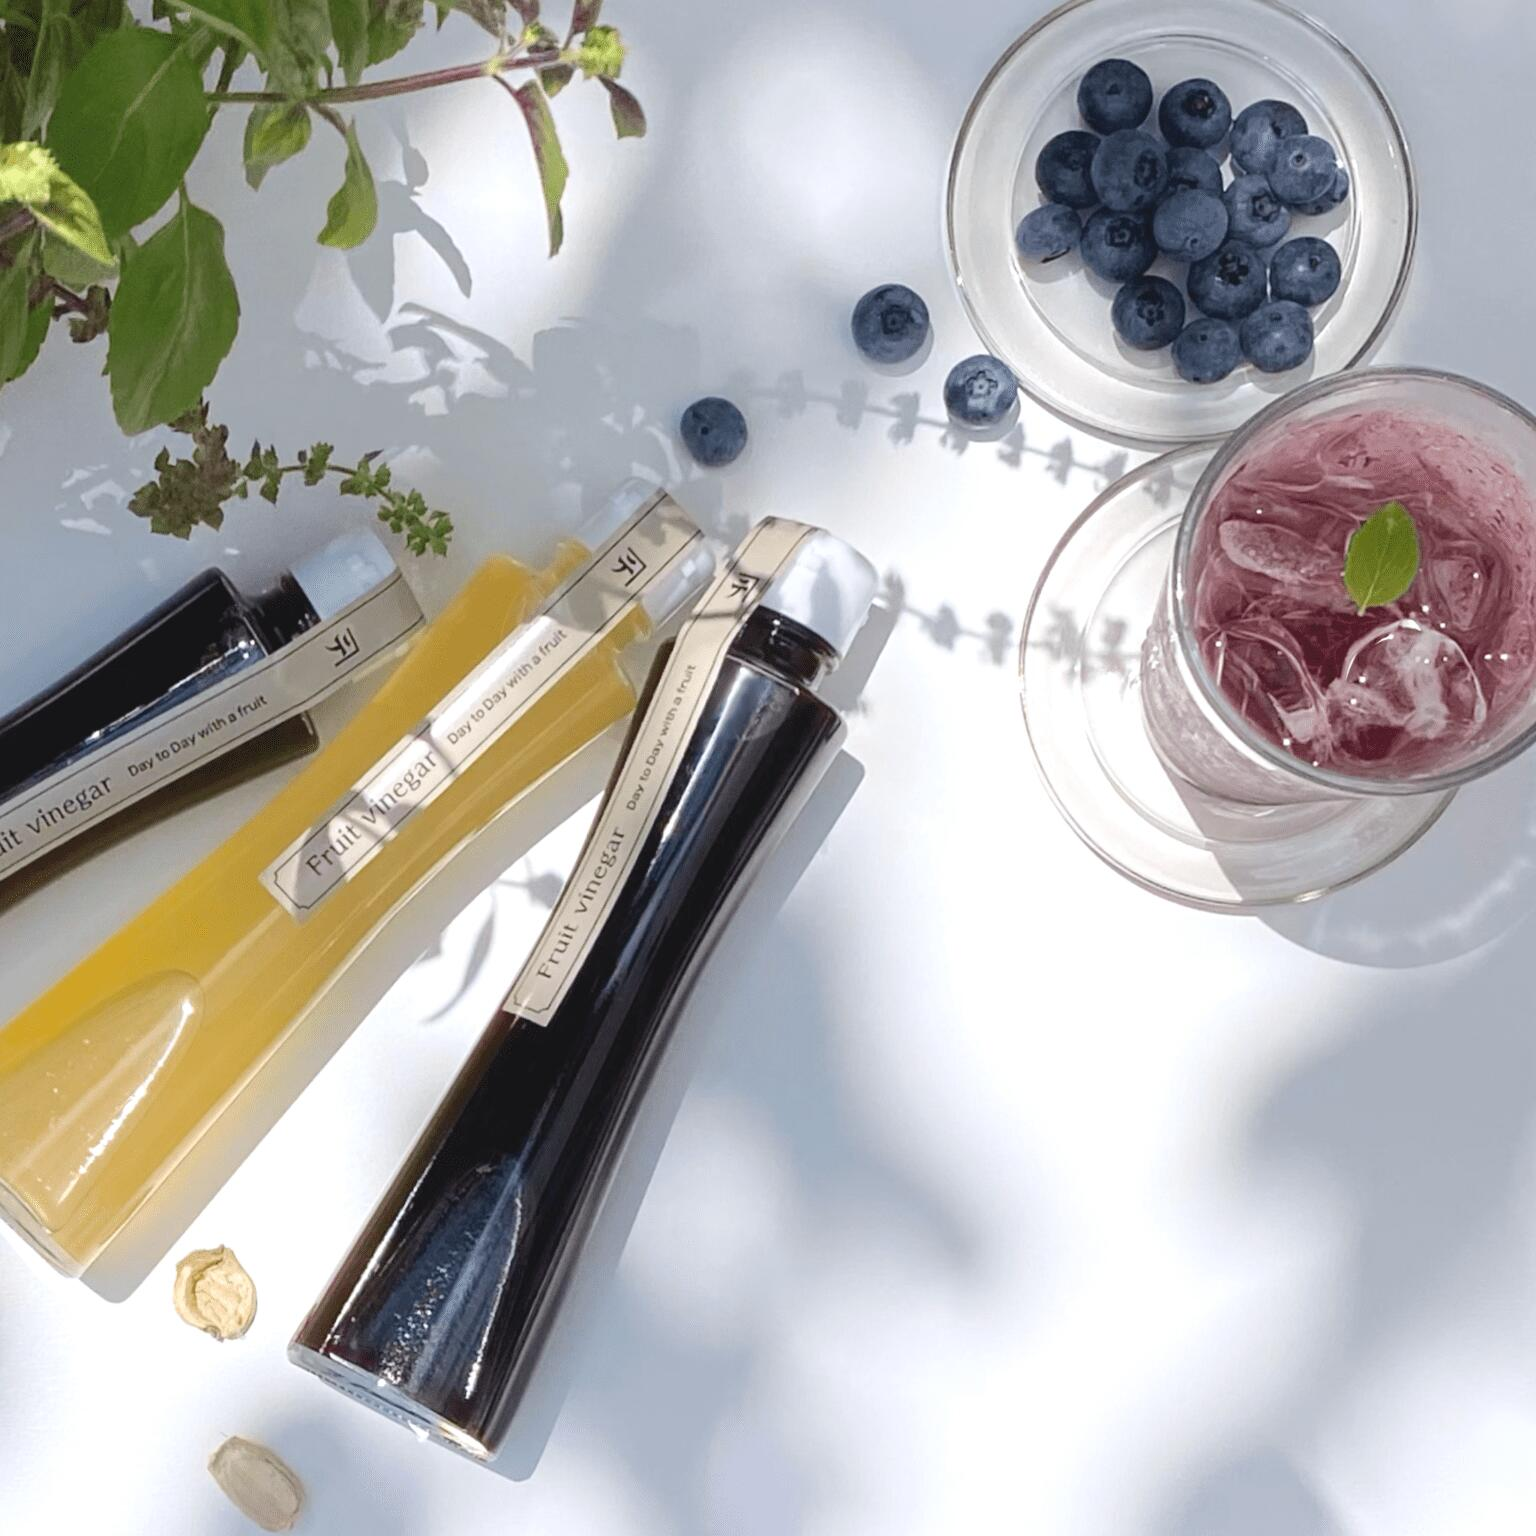 果実のお酢 飲む酢 フルーツ酢